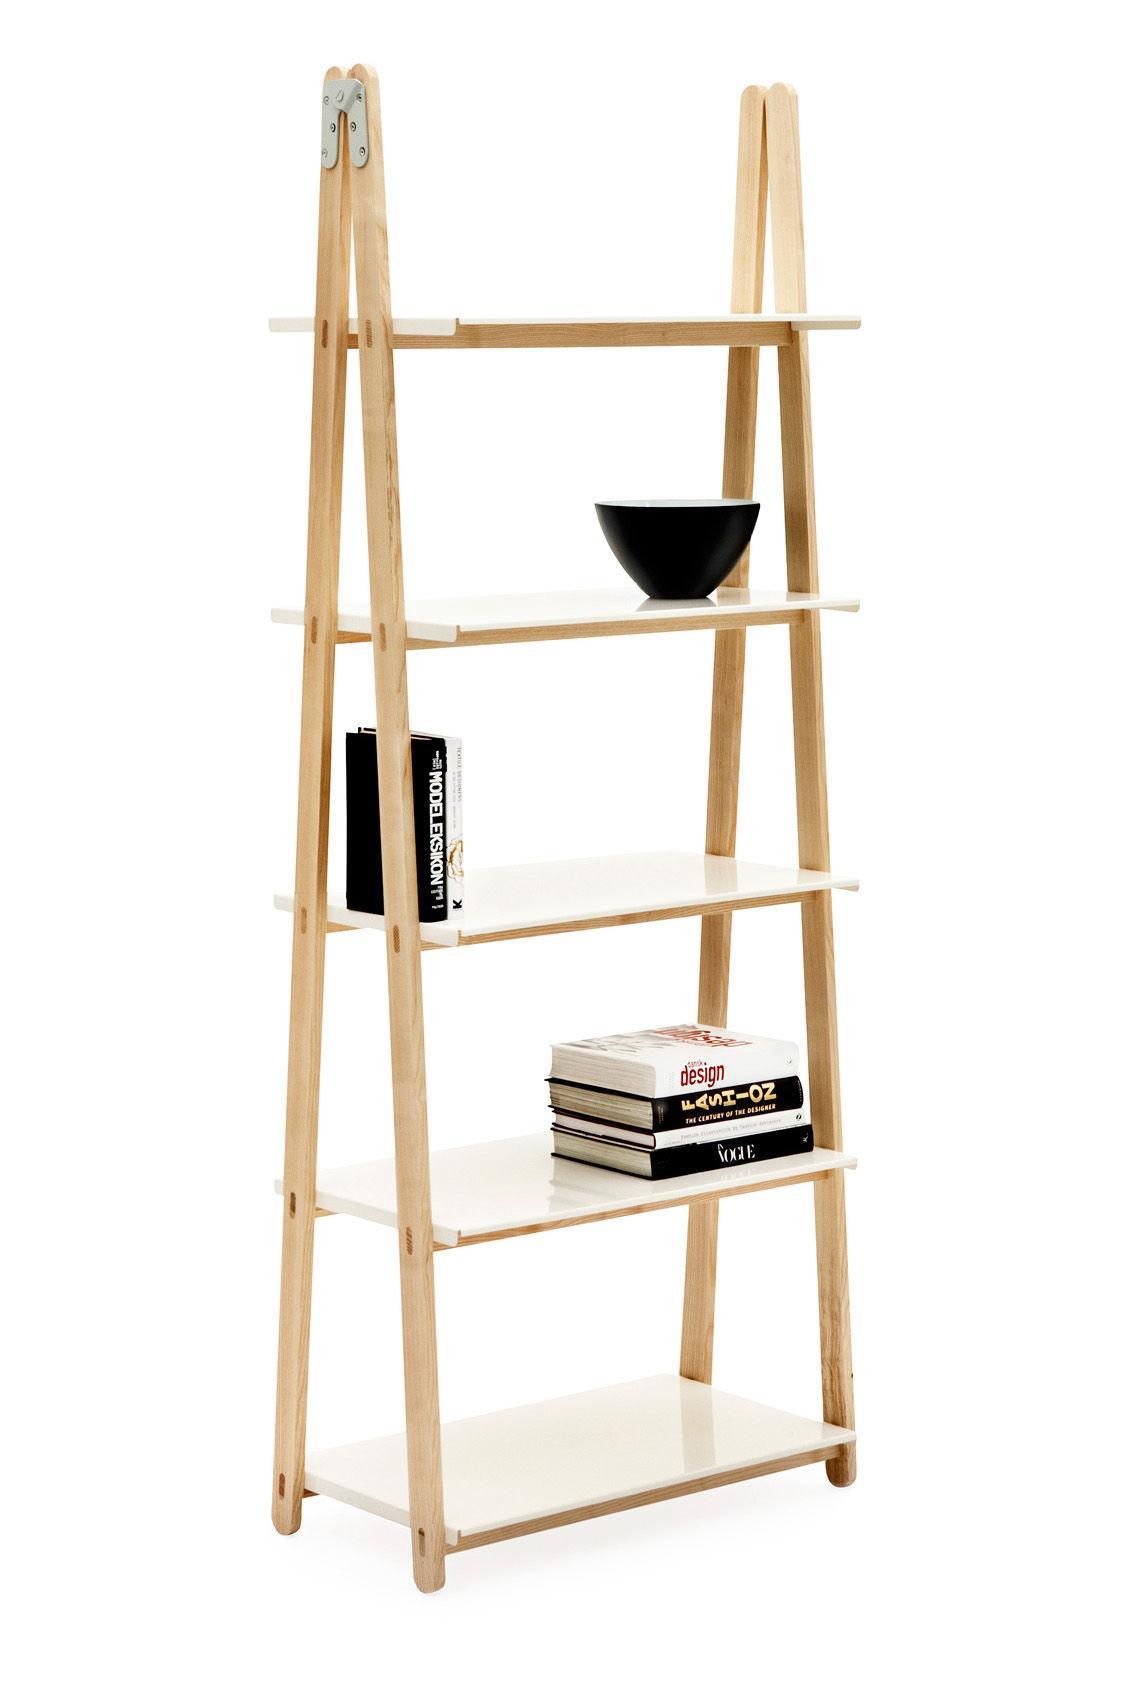 Arredamento - Scaffali e librerie - Scaffale One Step Up di Normann Copenhagen - Legno/ripiani in colore bianco - alluminio verniciato, Frassino